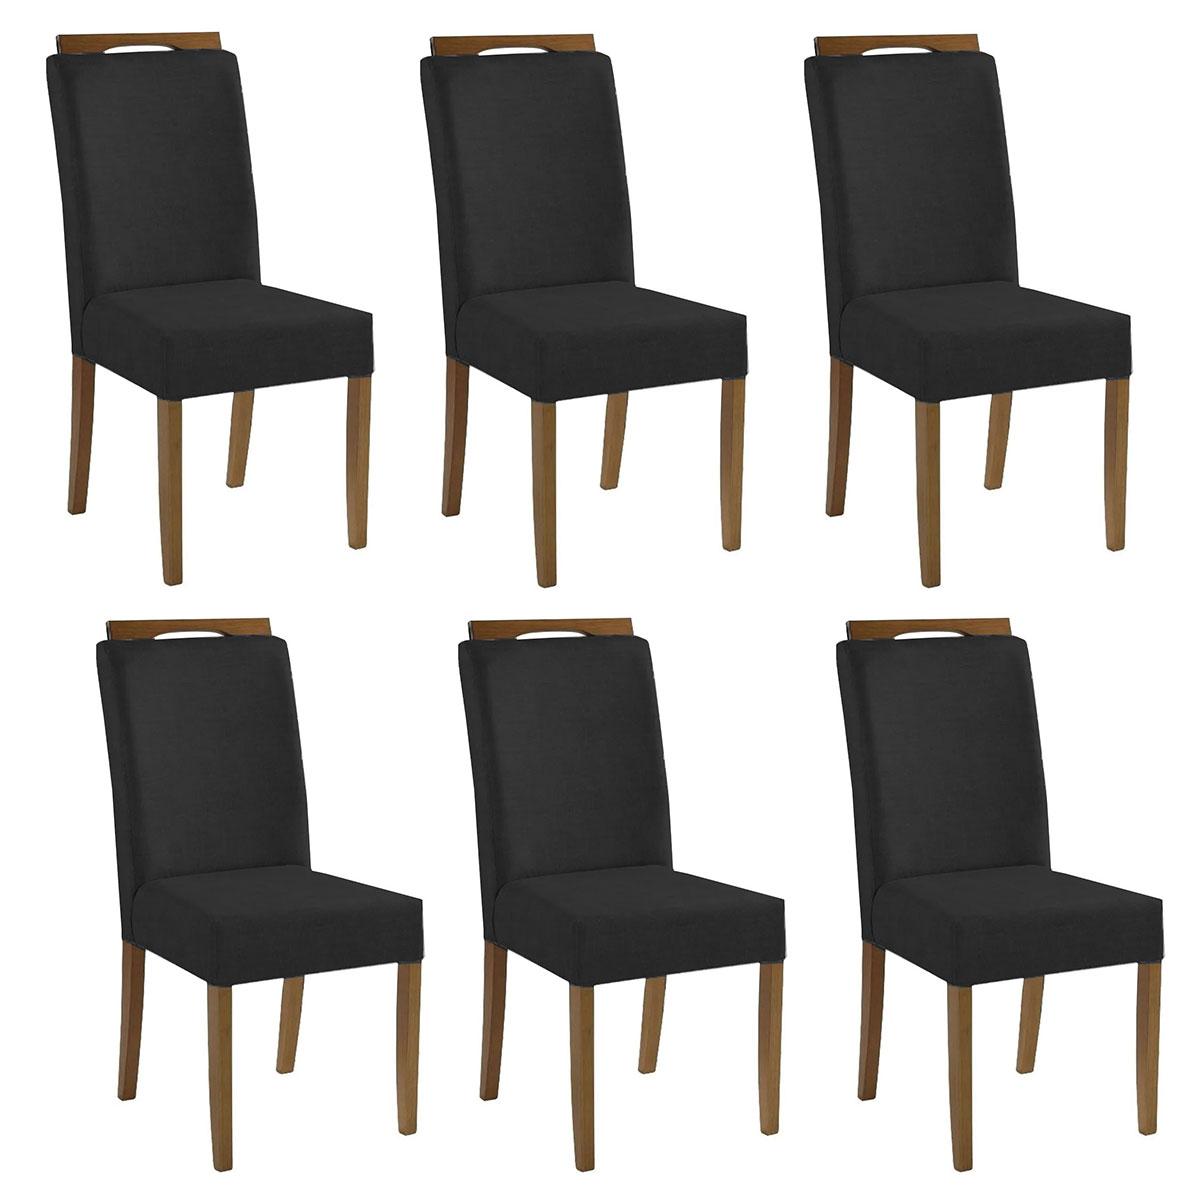 Kit 6 Cadeiras Estofadas Heloísa 100% Madeira Suede Preto